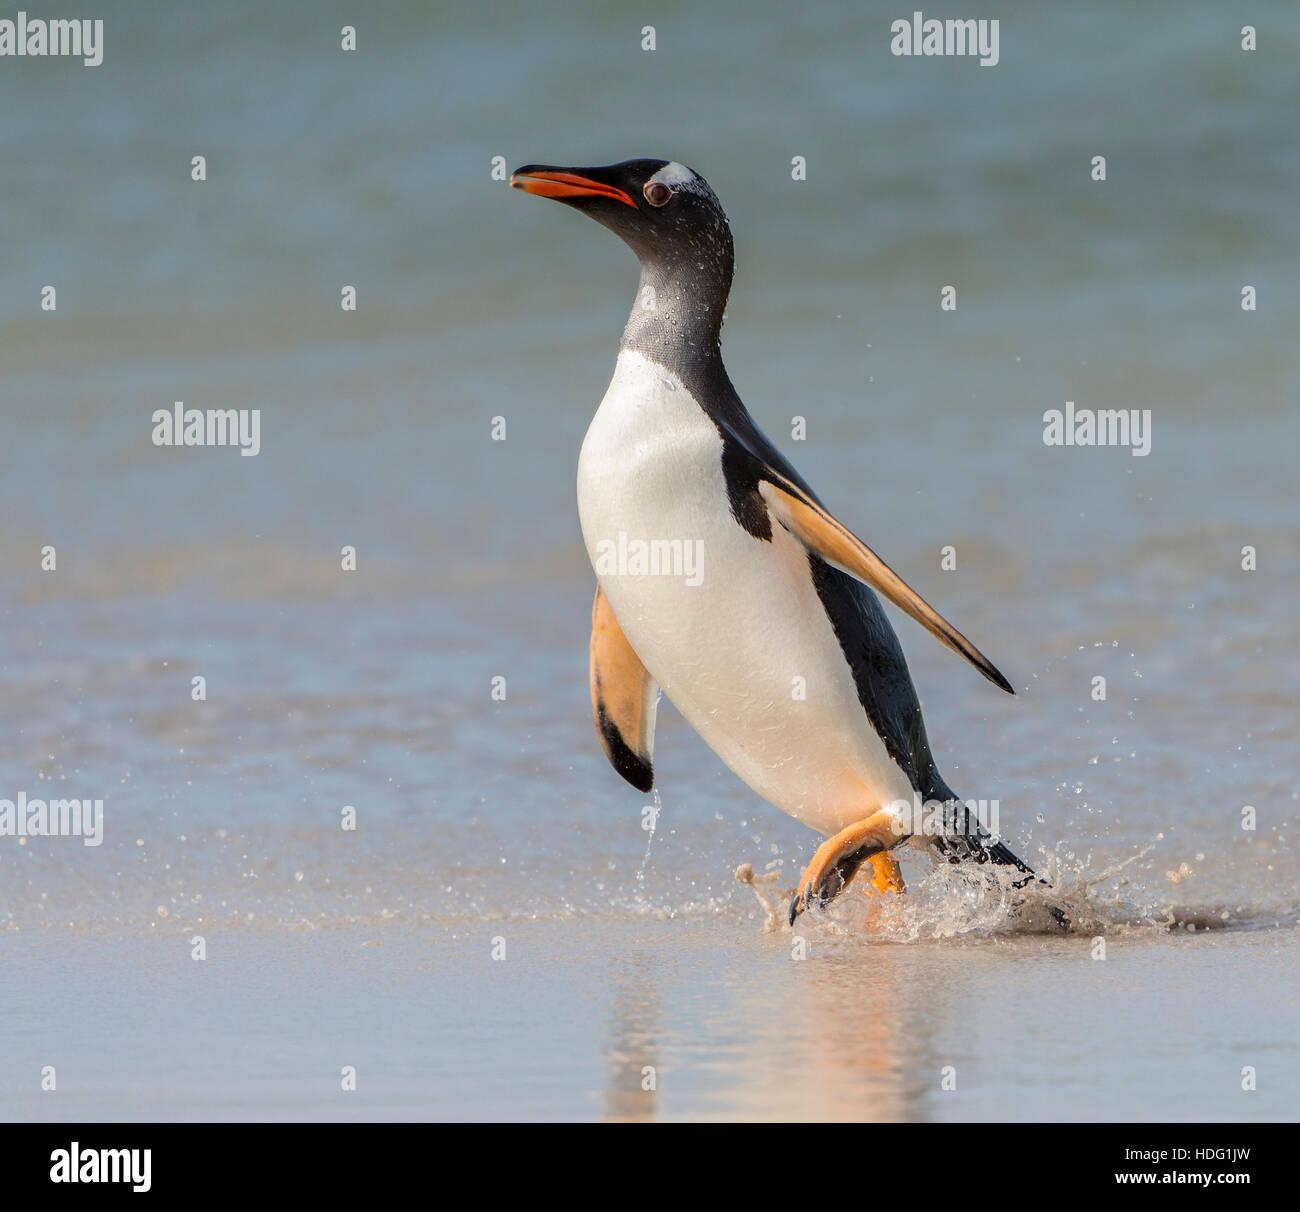 Pingüinos papúa (Pygoscelis papua) caminar a lo largo de la orilla. Foto de stock